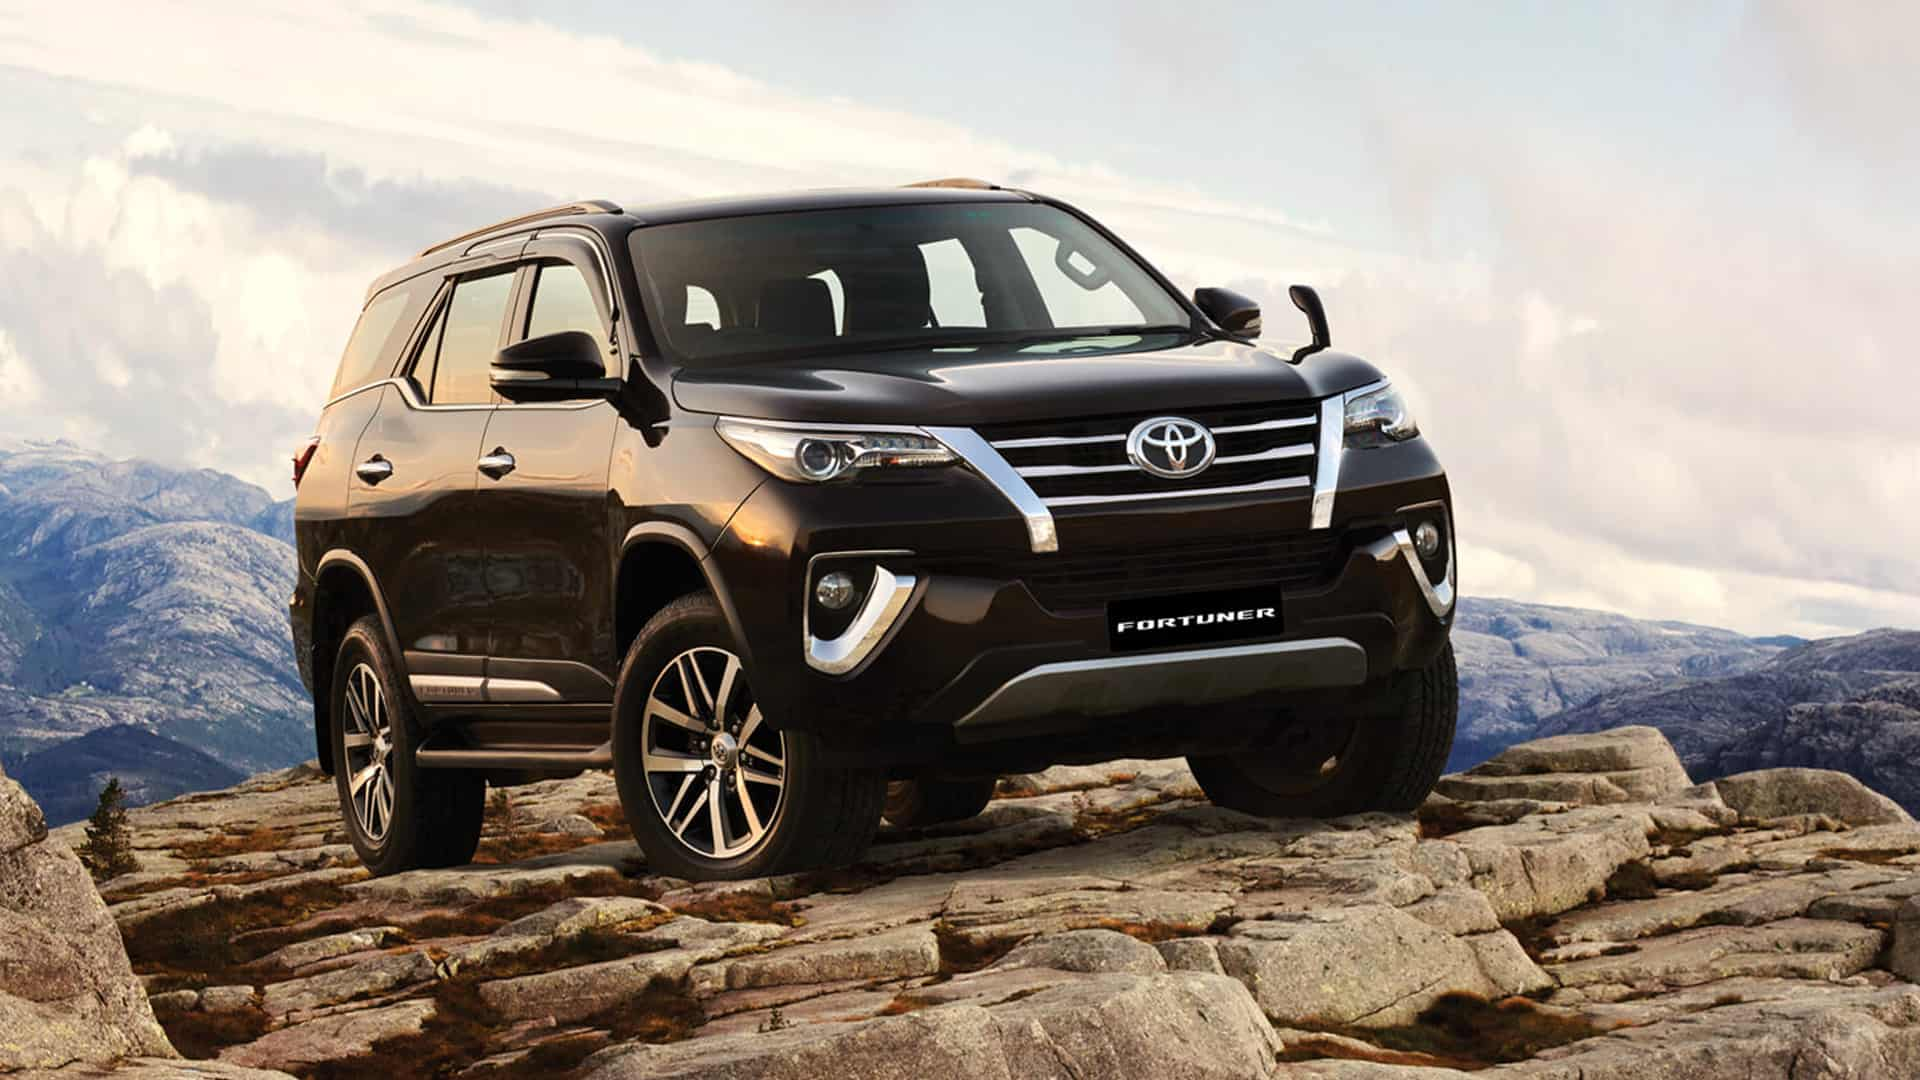 Cùng tham khảo mức giá mới nhất của Toyota Fortuner